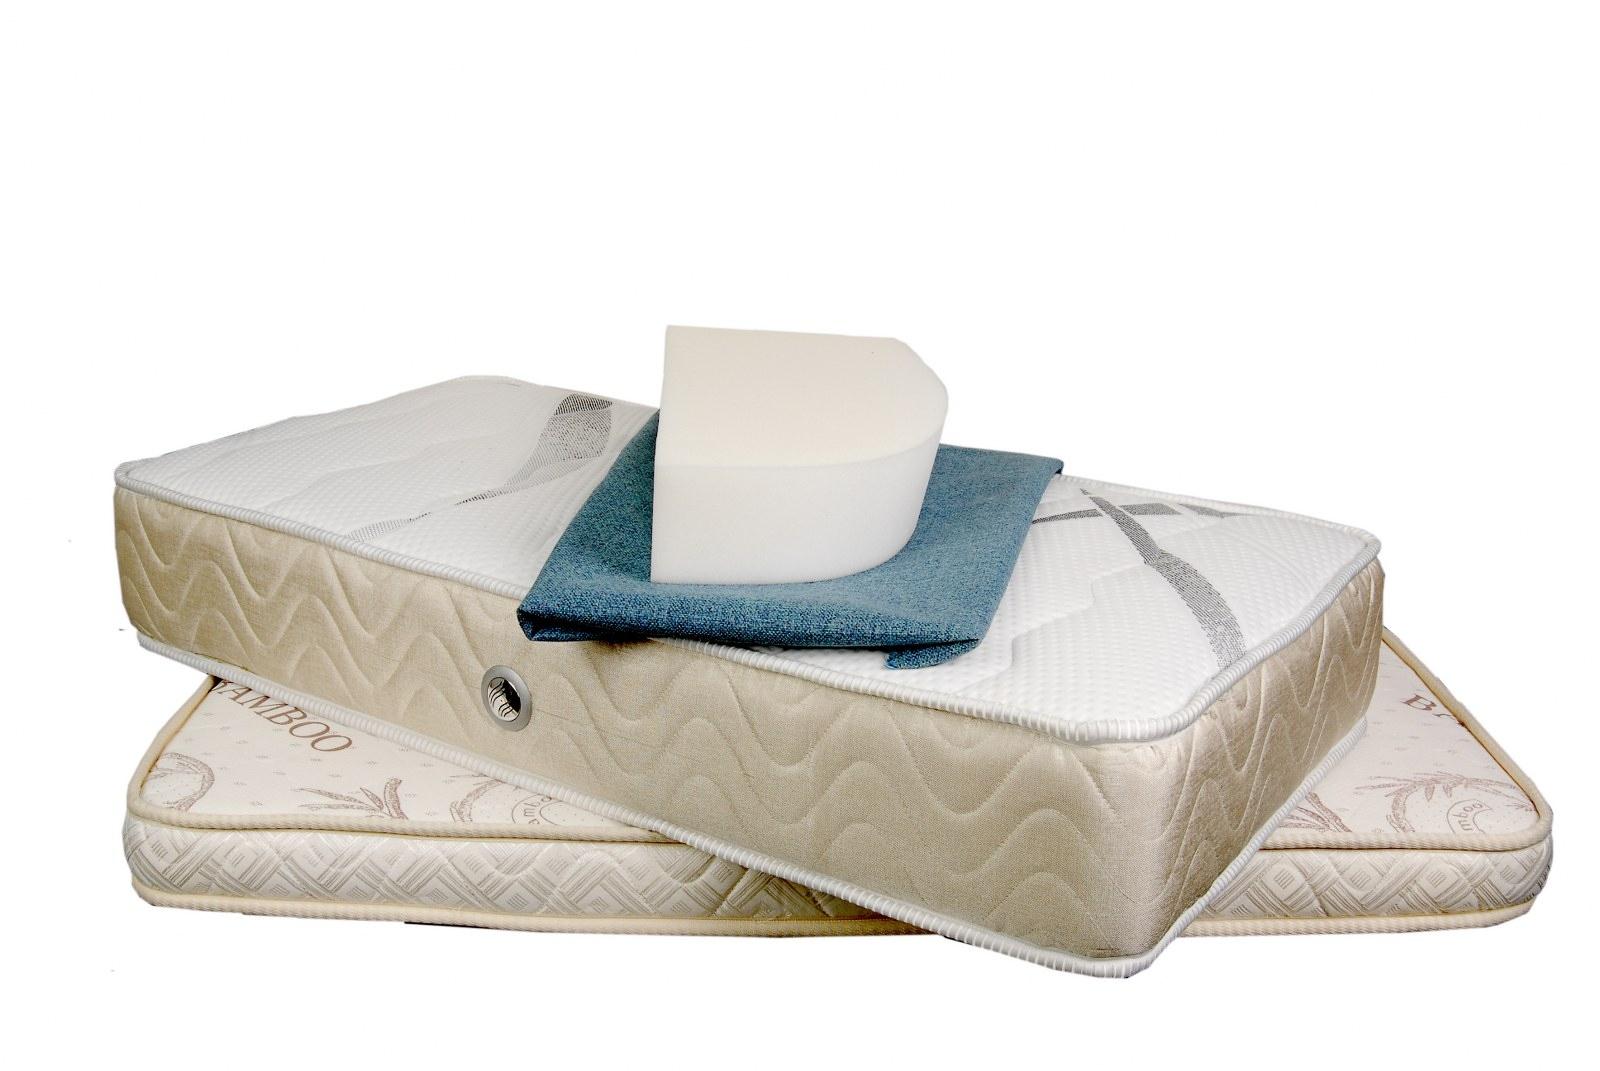 Karavalara Özel Kesimli Yataklar